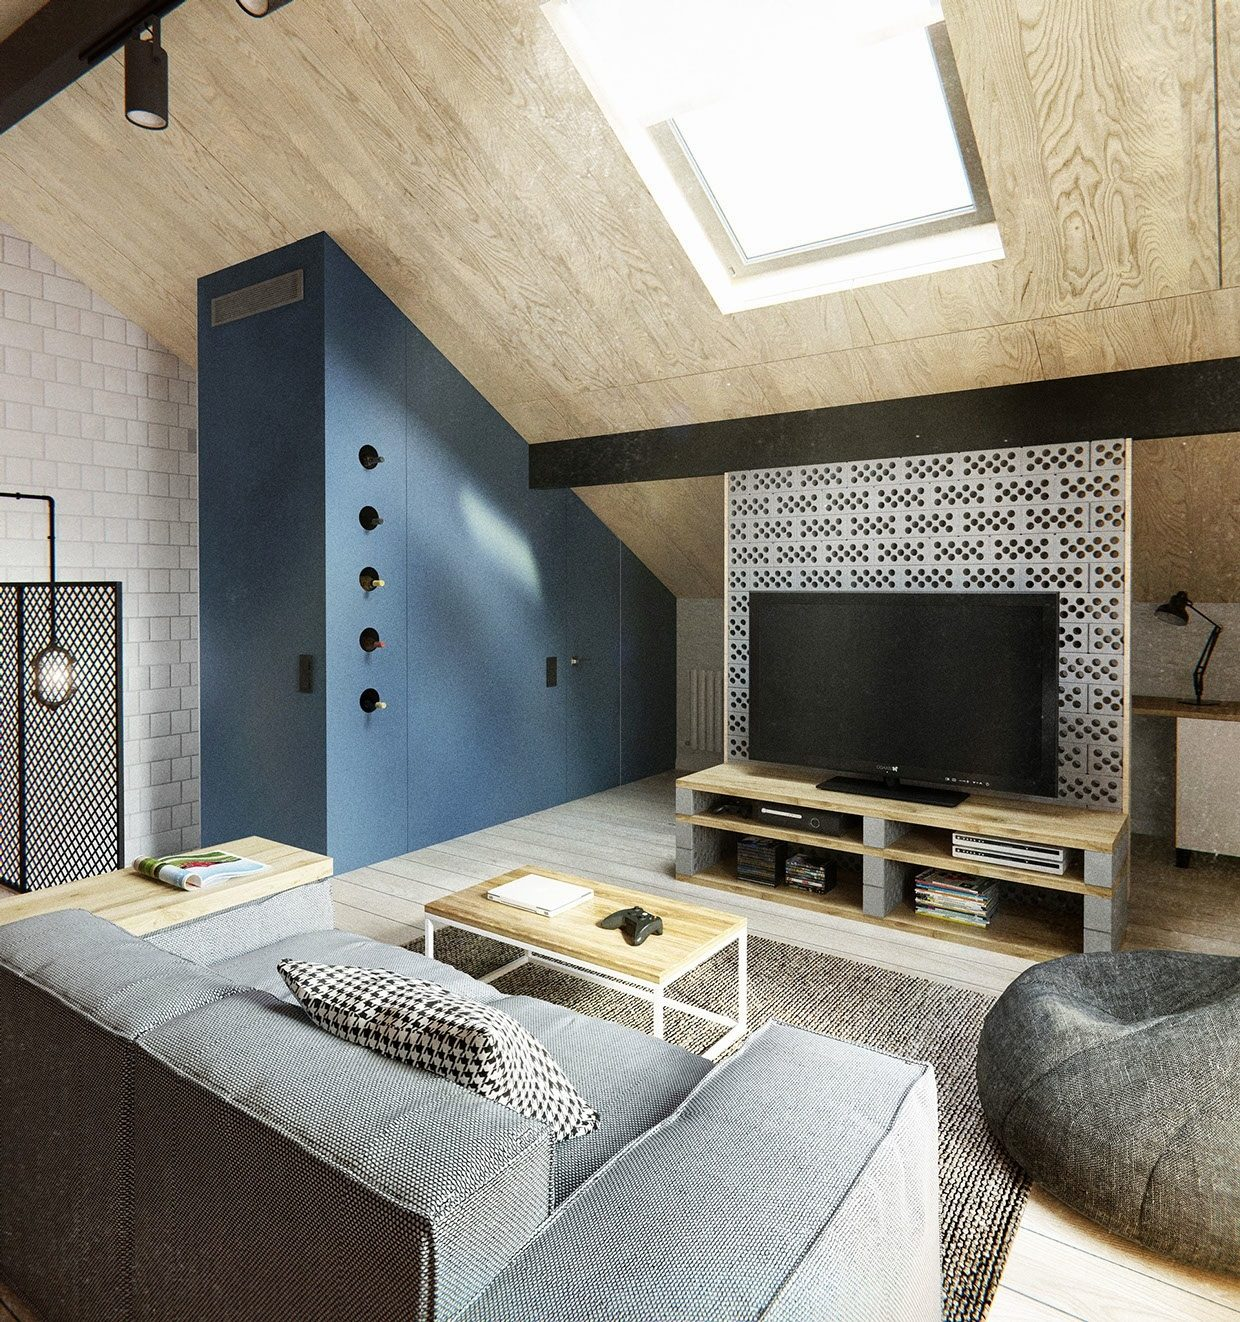 Slanted Ceiling Design Interior Design Ideas